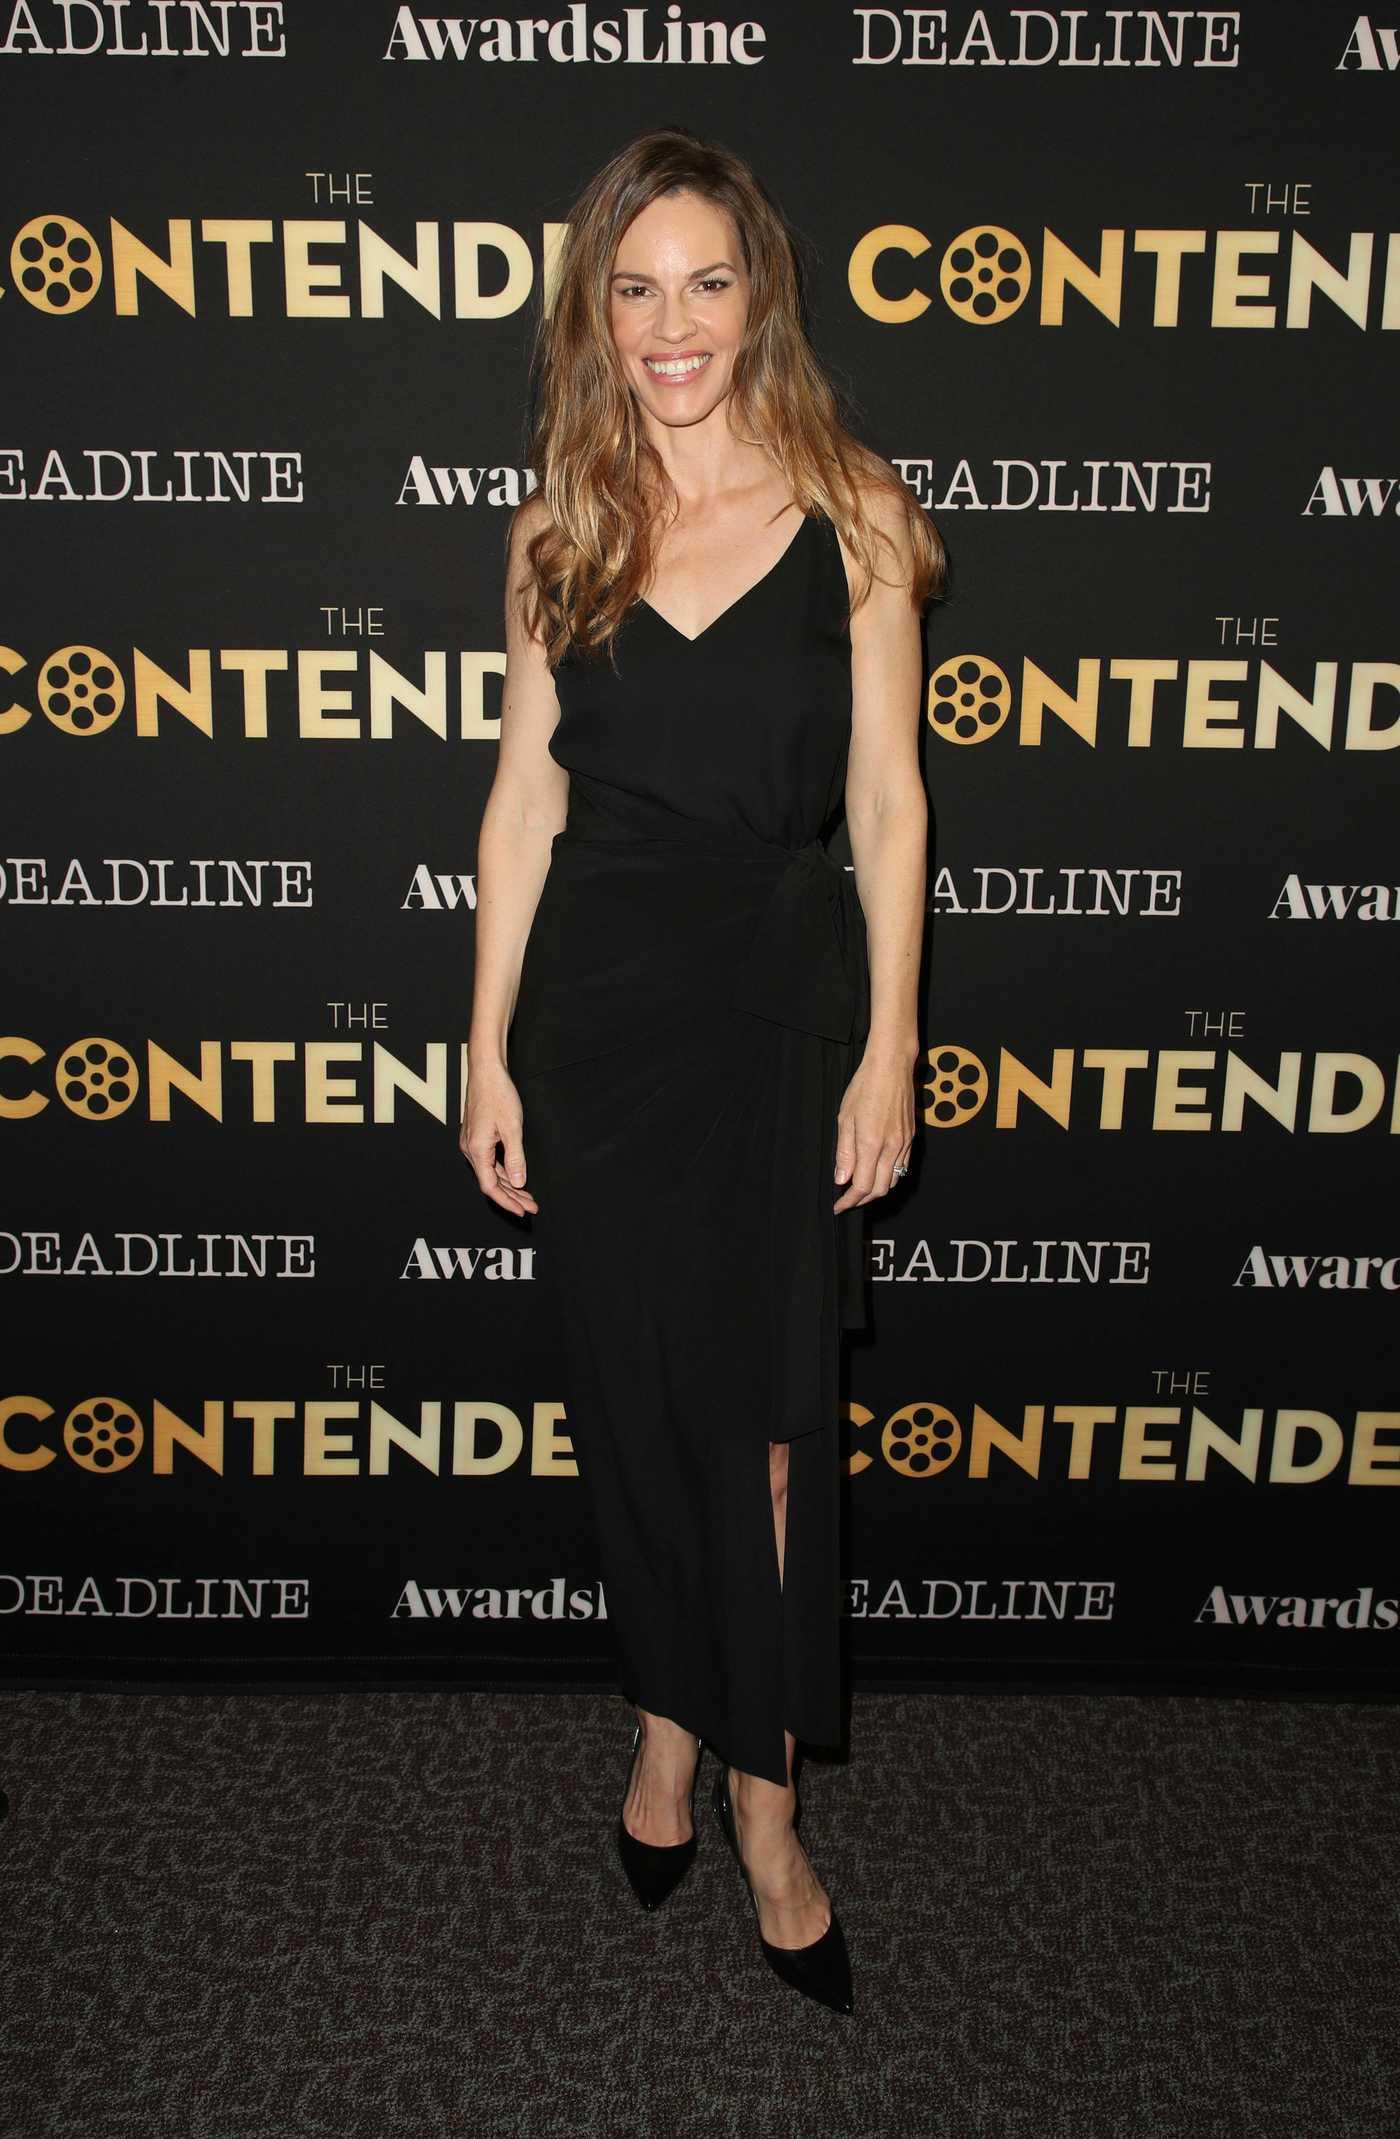 Hilary Swank Attends 2018 Deadline Contenders in Los Angeles 11/03/2018